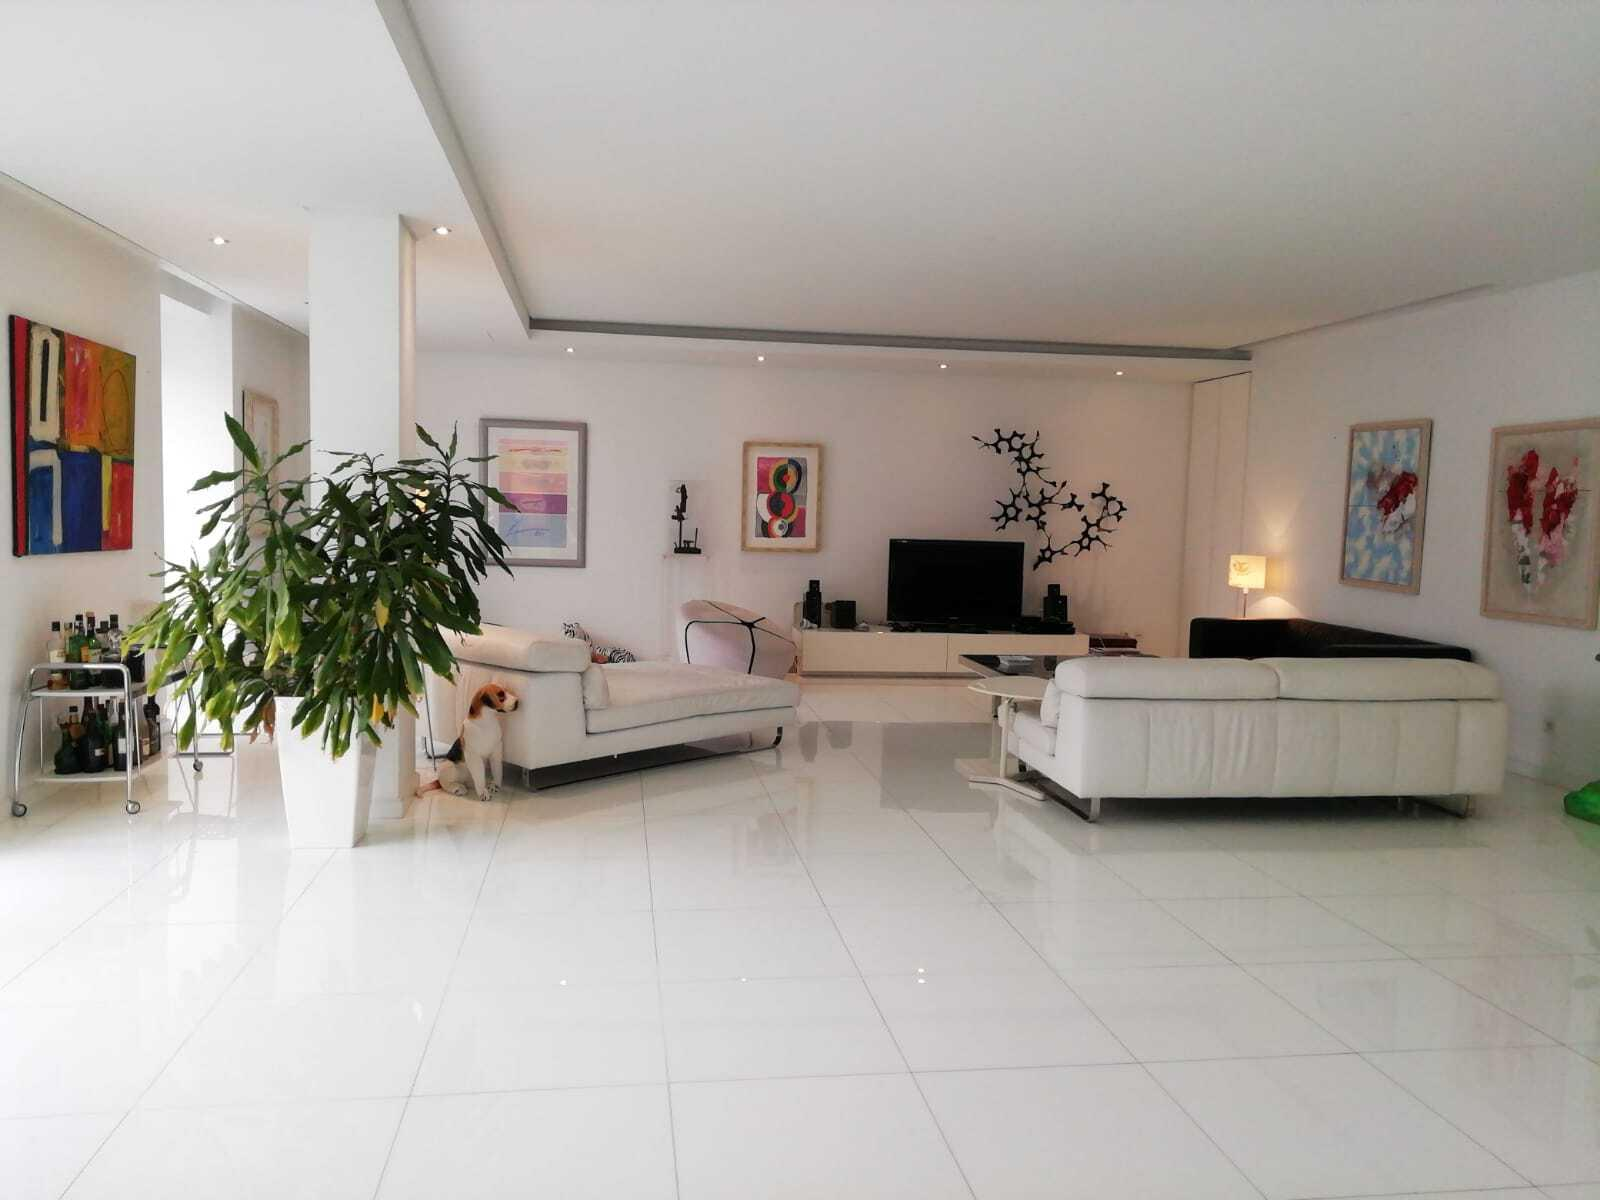 pf18758-apartamento-t6-lisboa-deaf45d2-23e1-41c7-8a15-4e77492c1e29